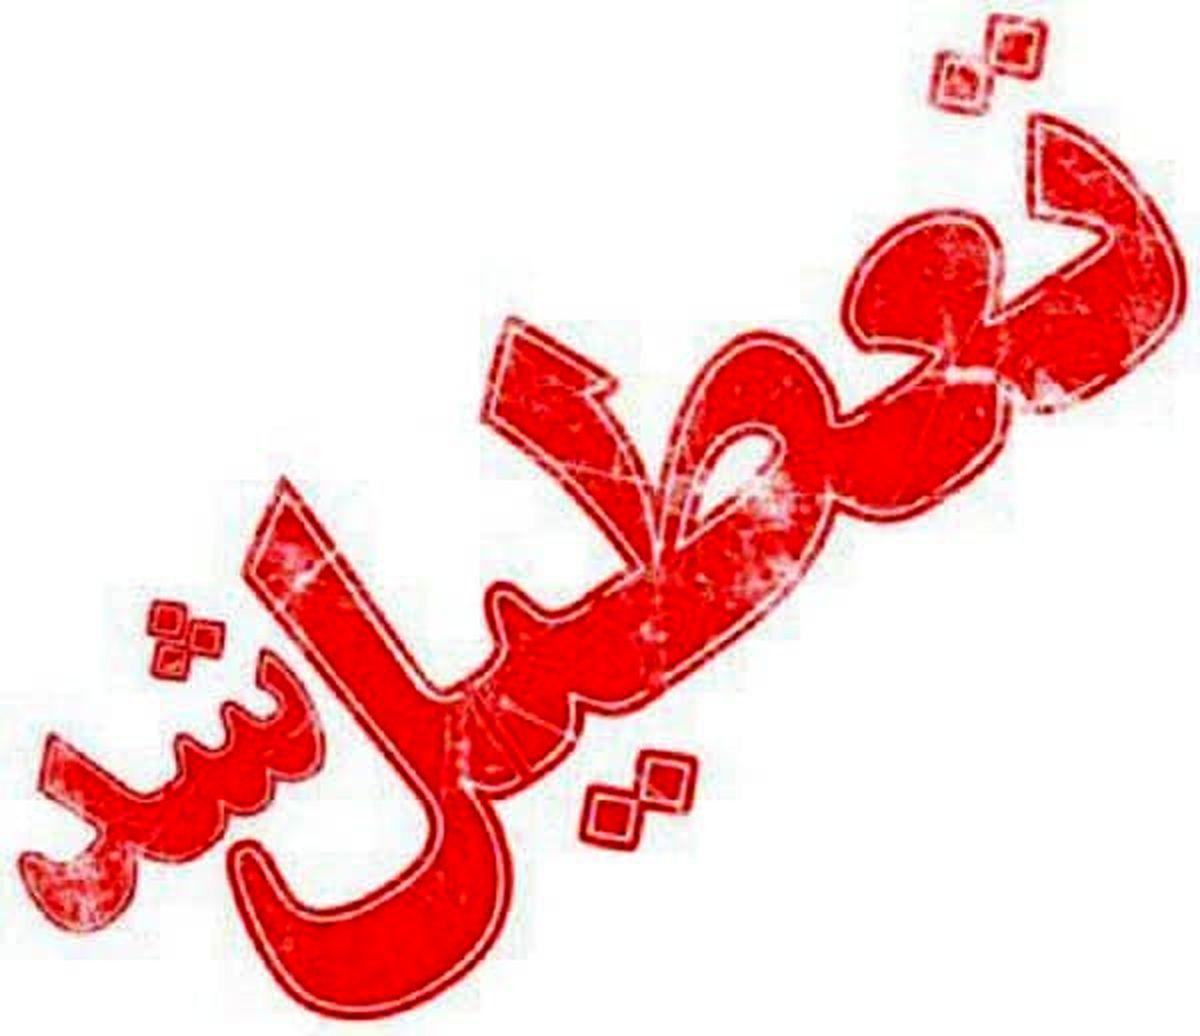 فورى   تهران یک هفته تعطیل شد